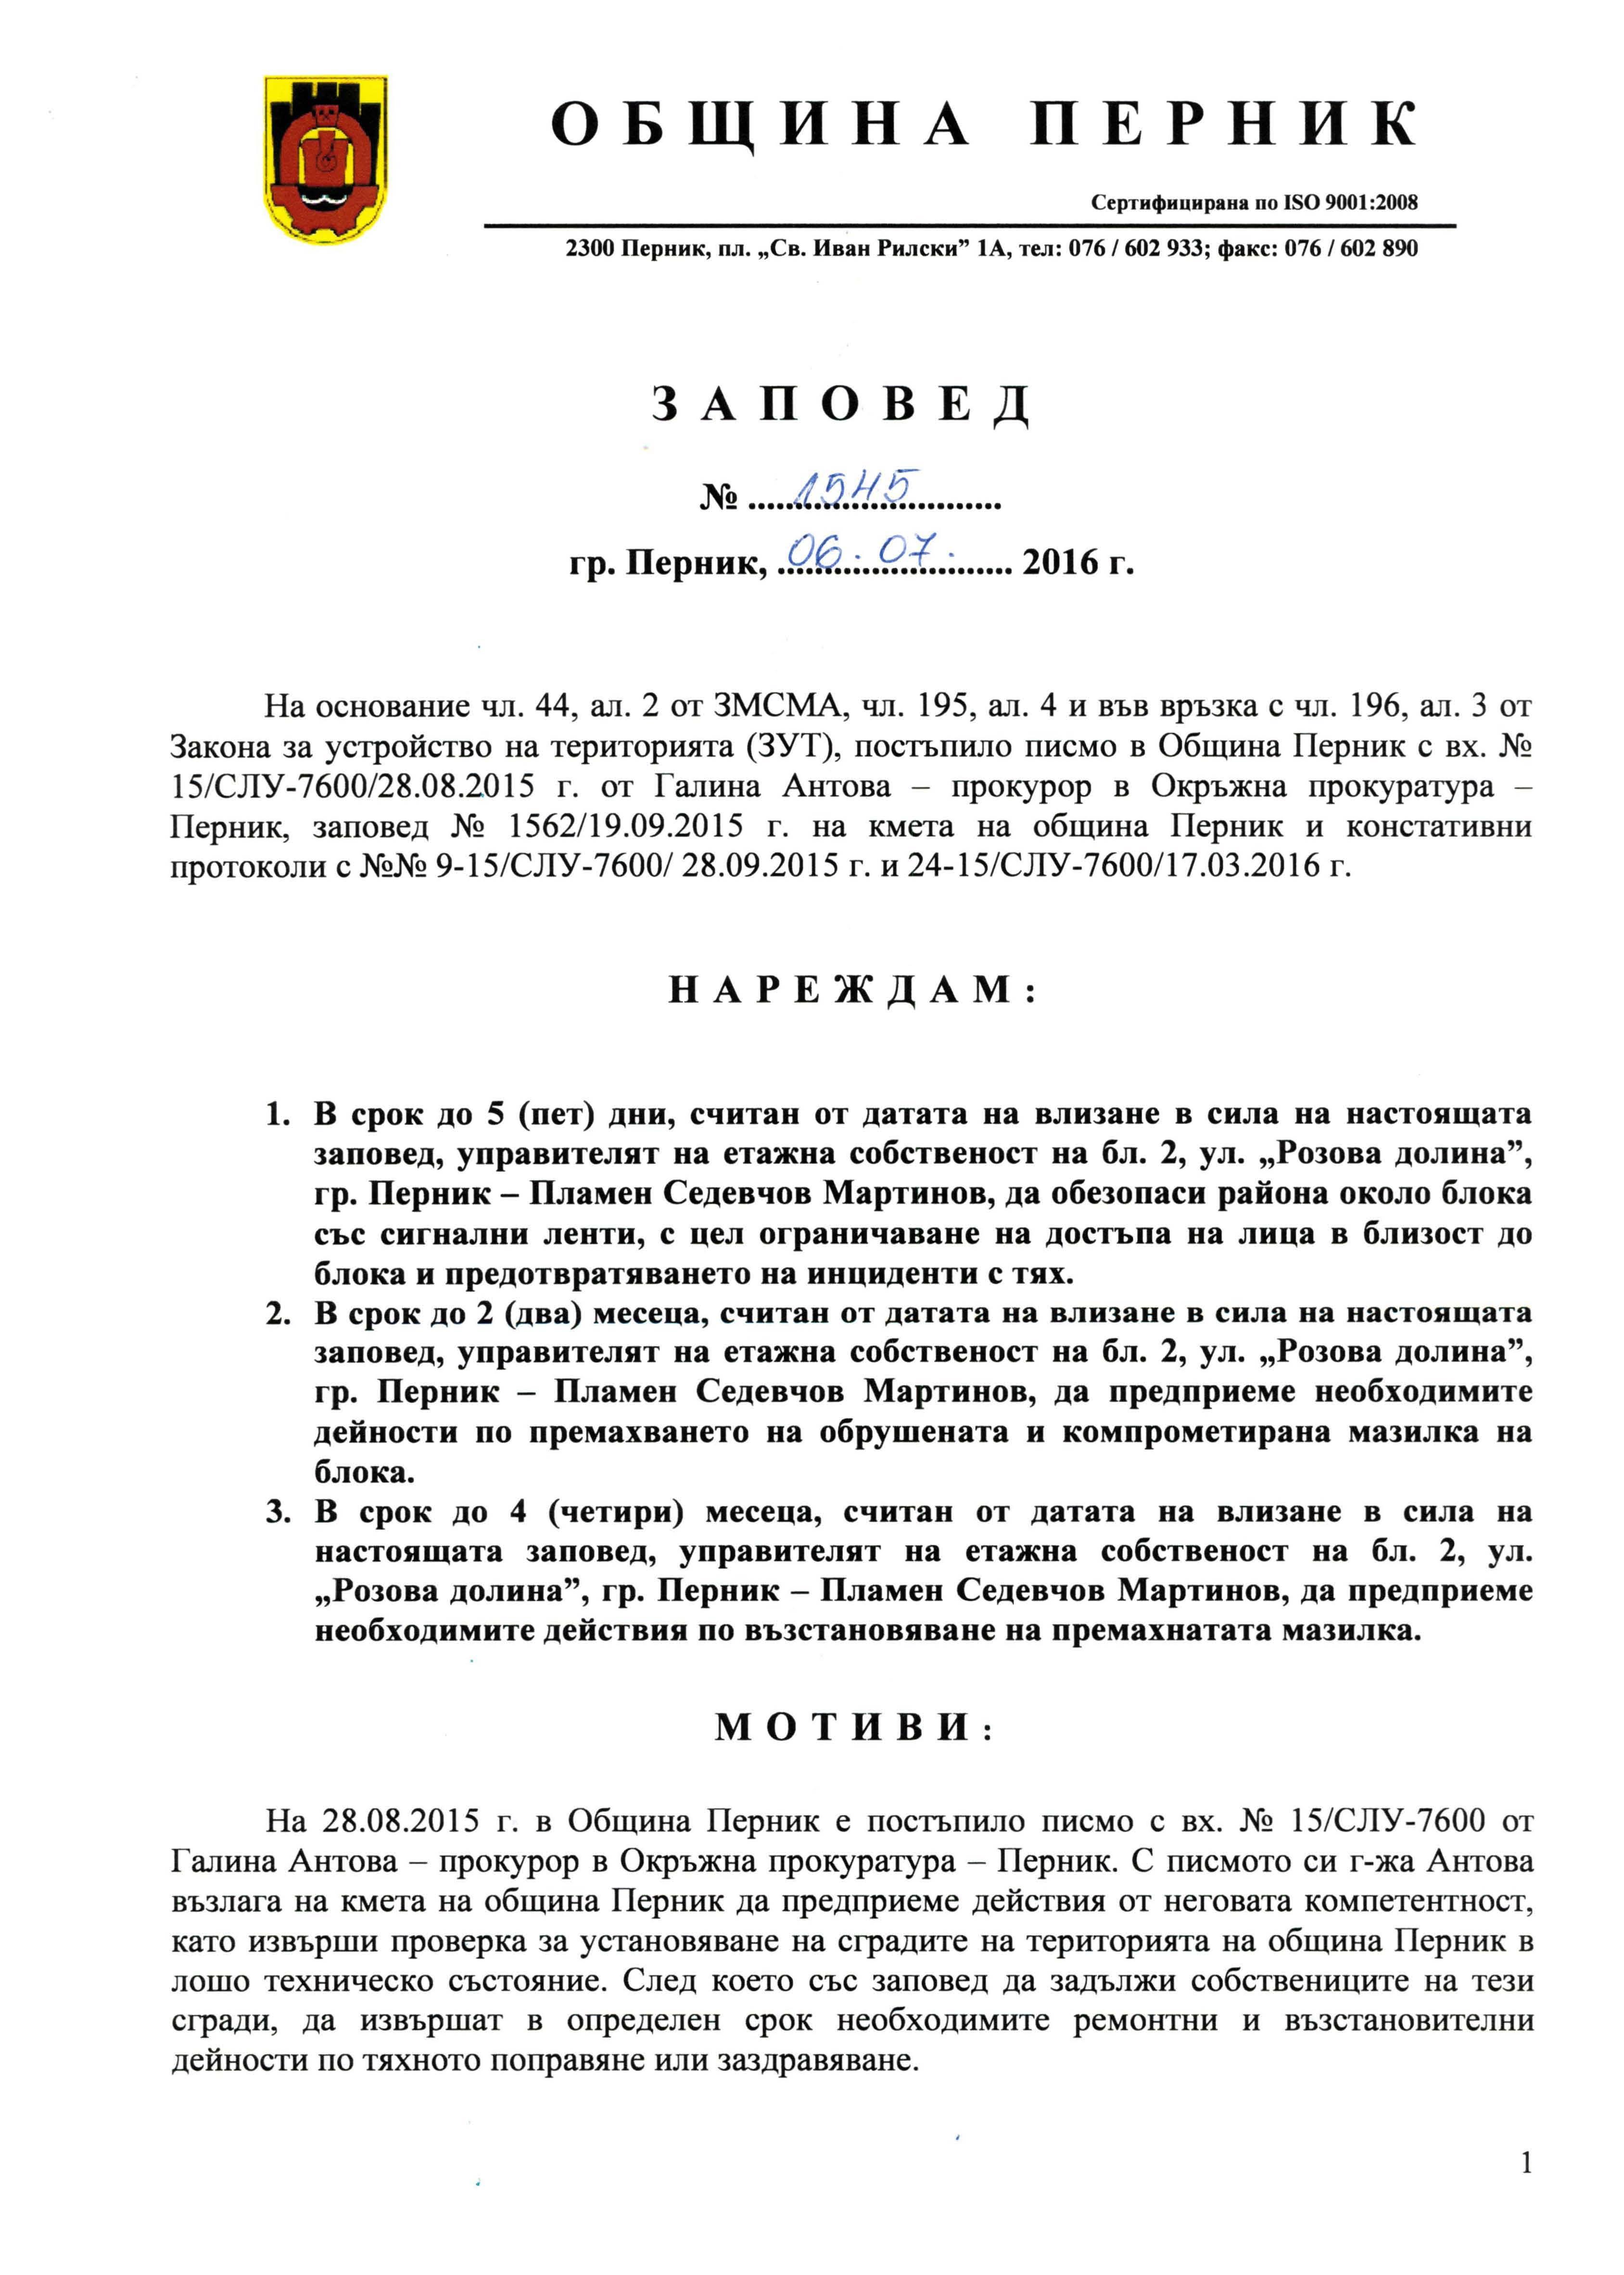 Plamen Martinov - pismo i zapoved_Page_2 (1)